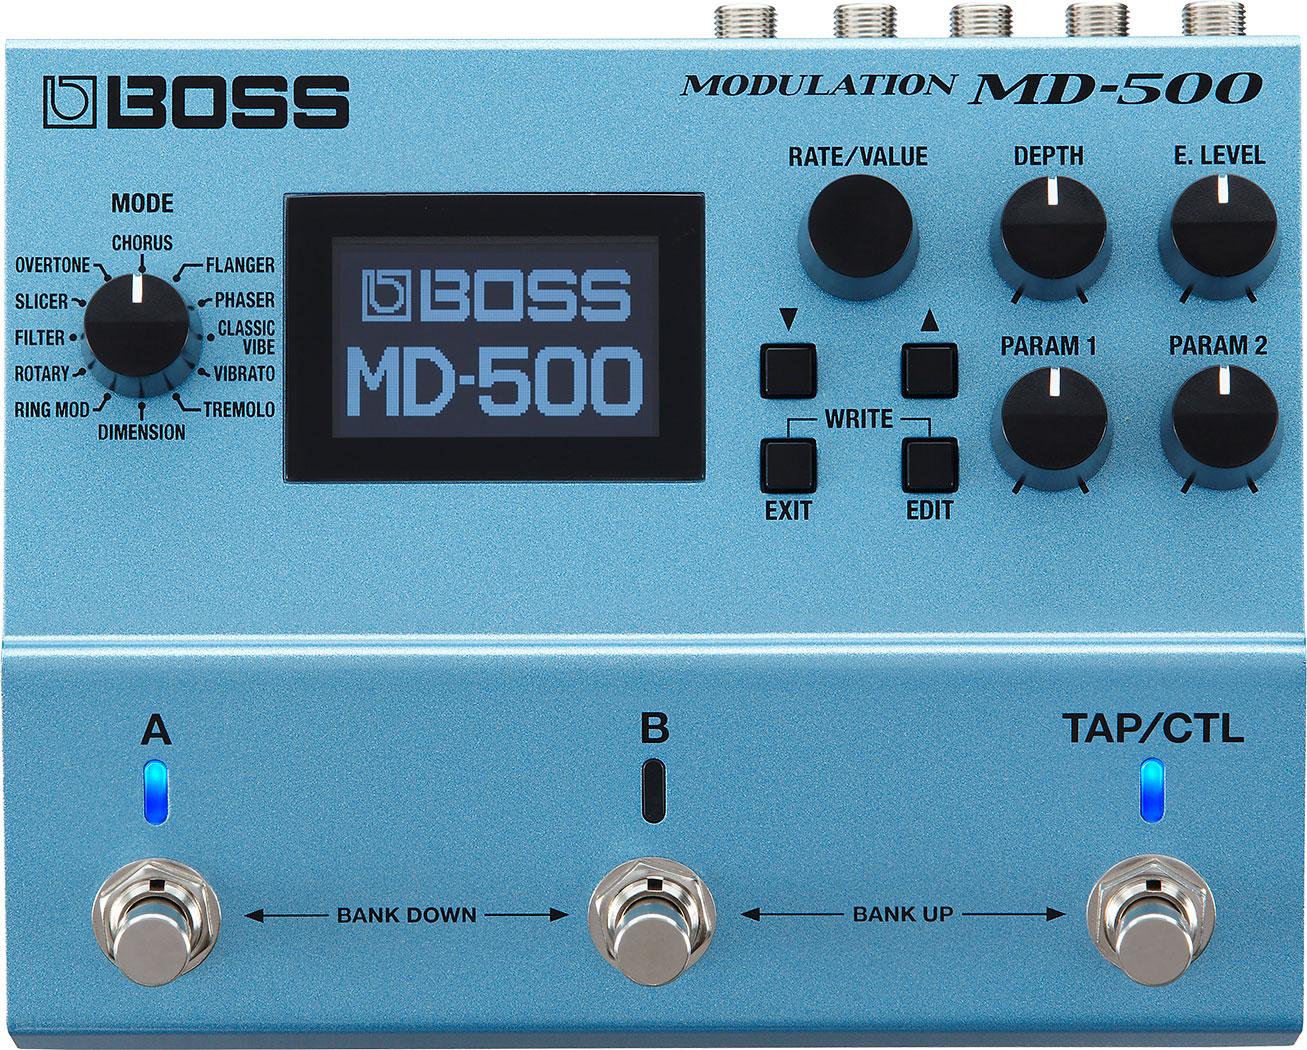 md-500_top_gal.jpg